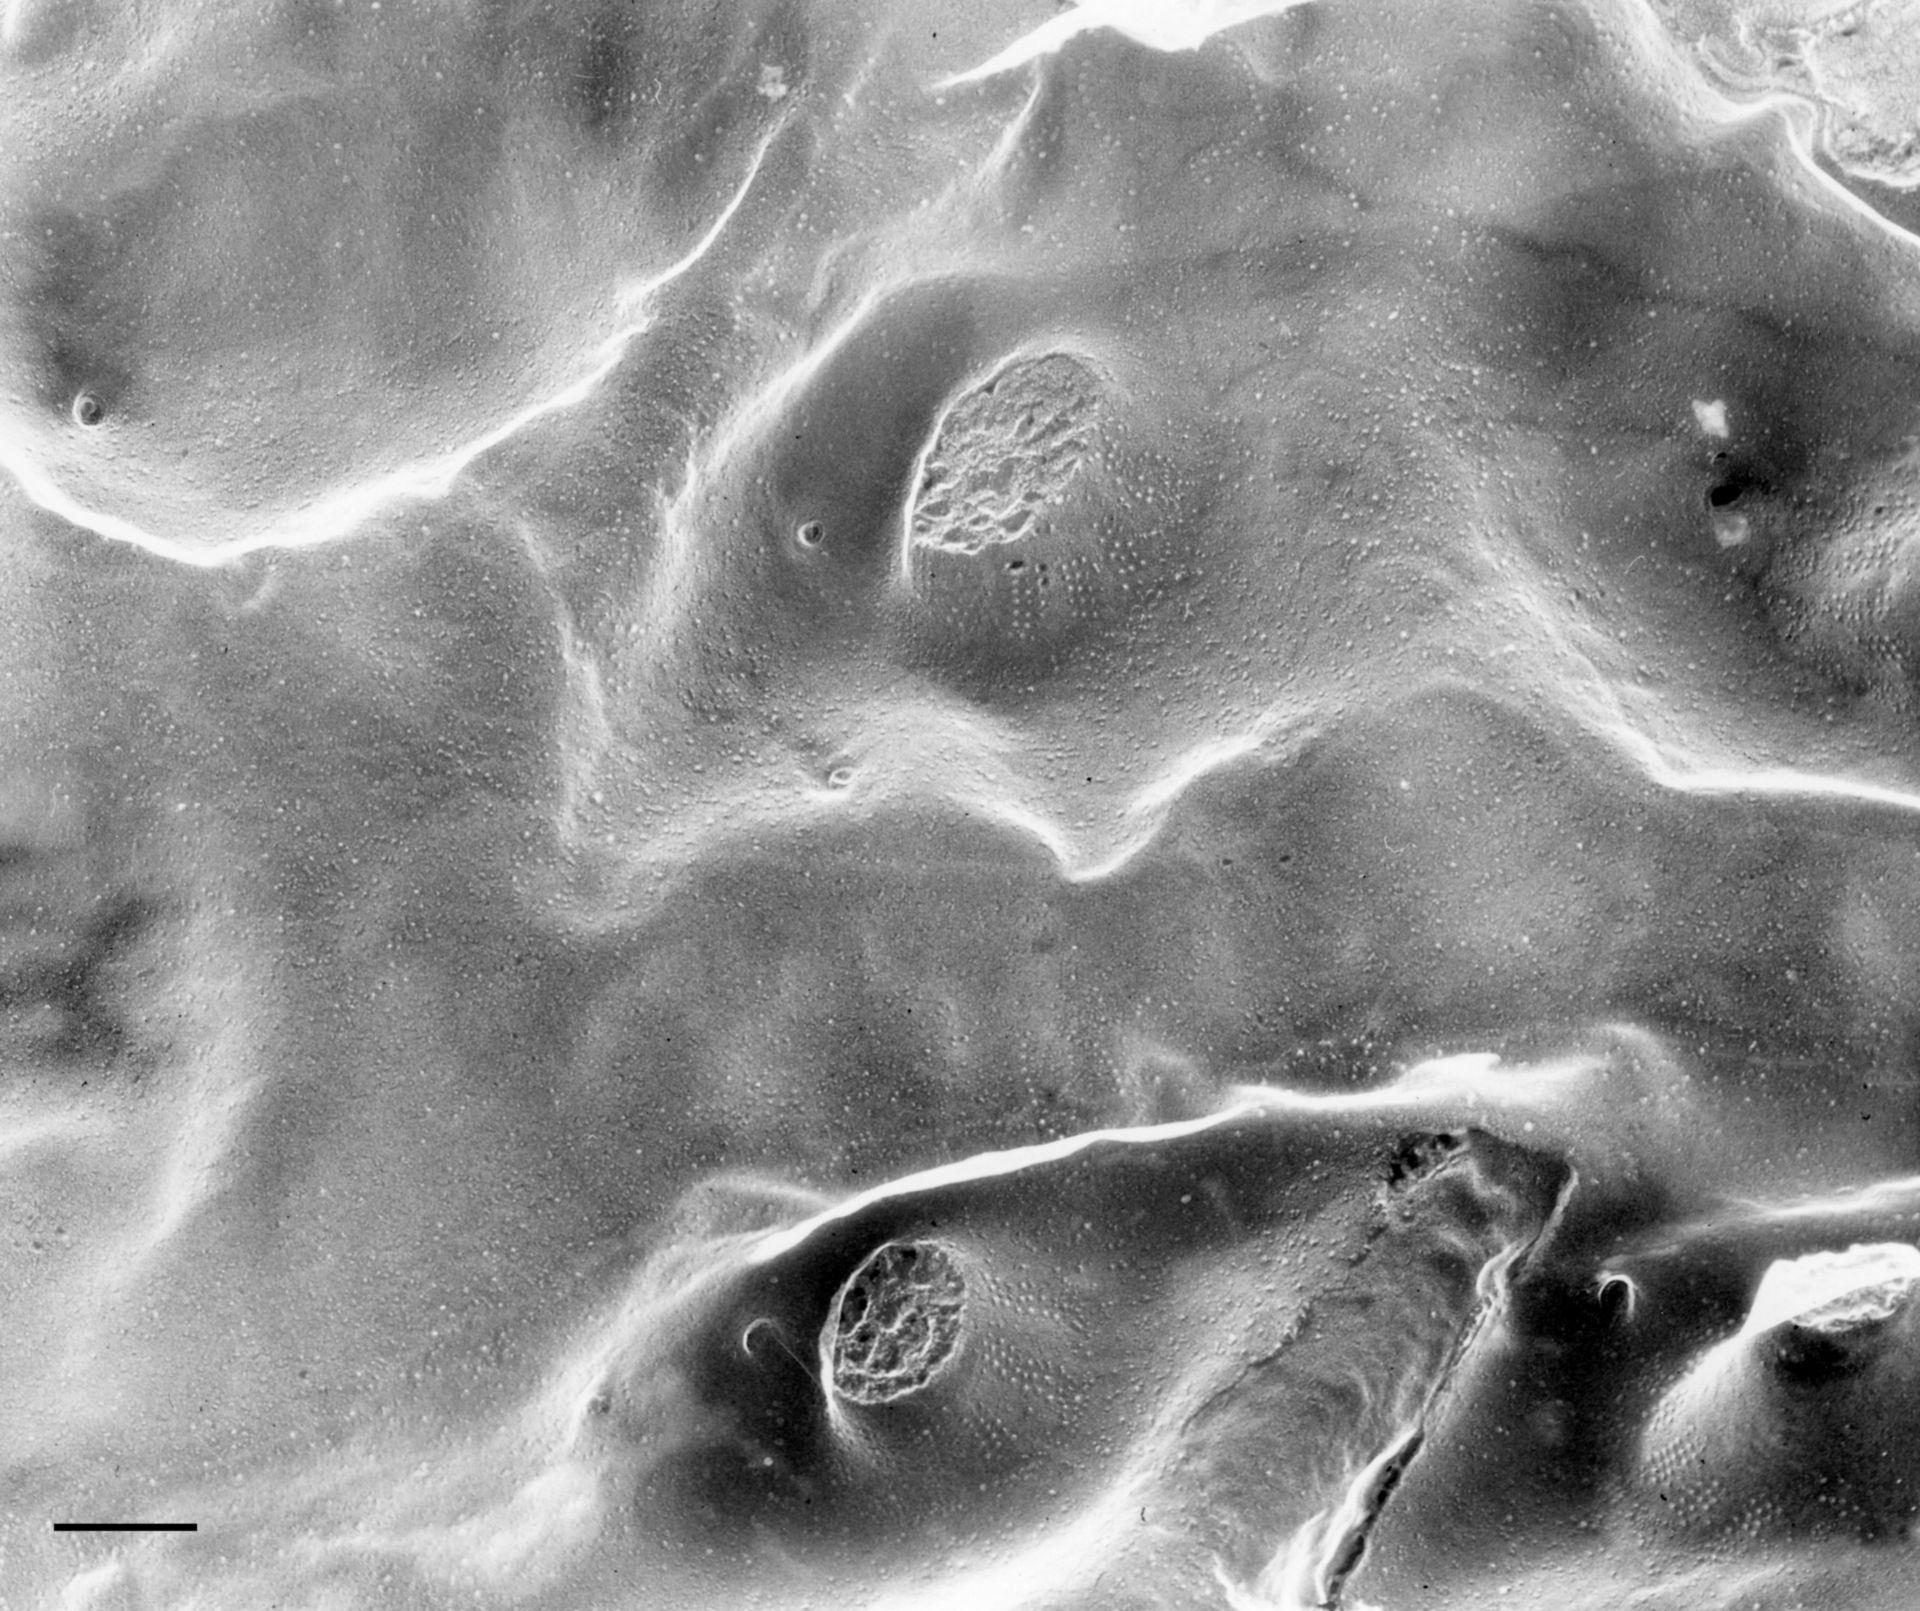 Paramecium multimicronucleatum (Trichocyst docking sites) - CIL:36613